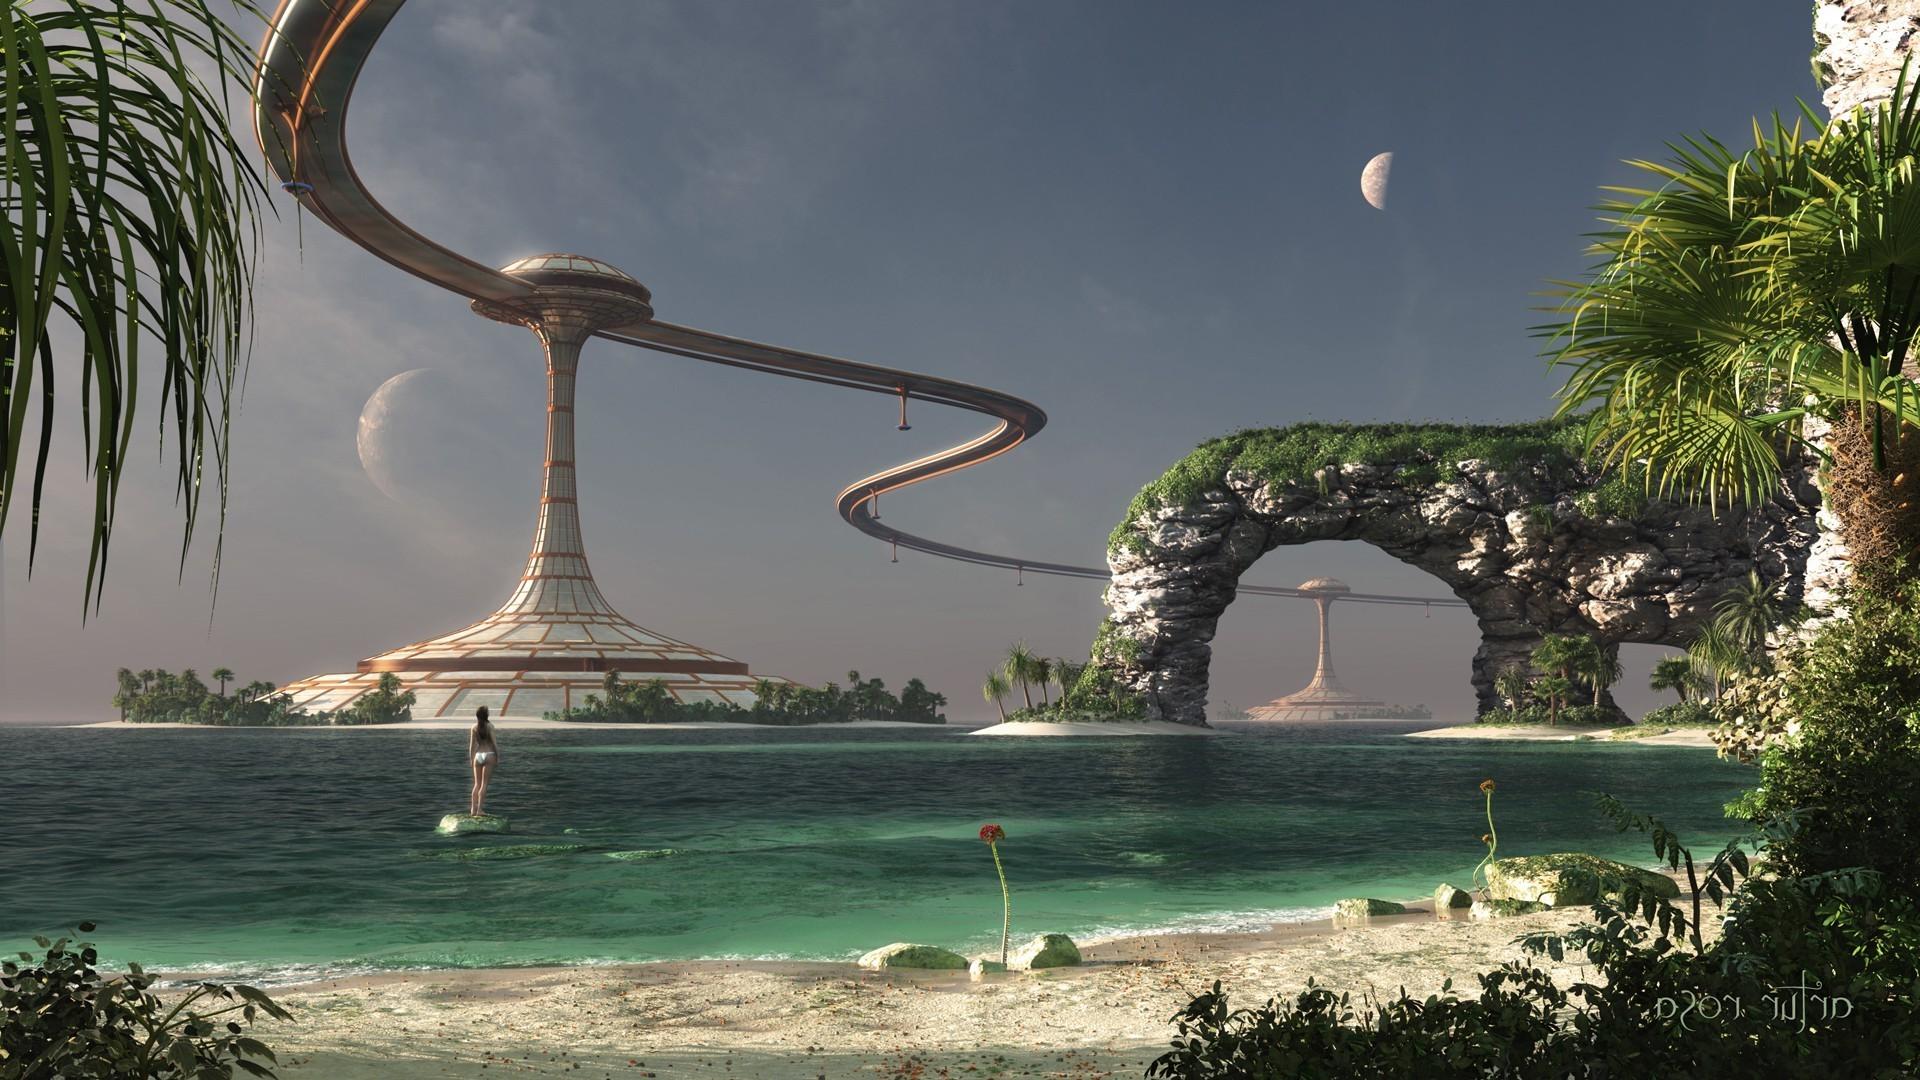 инопланетные обои на рабочий стол предпочитаете дизайн половиной